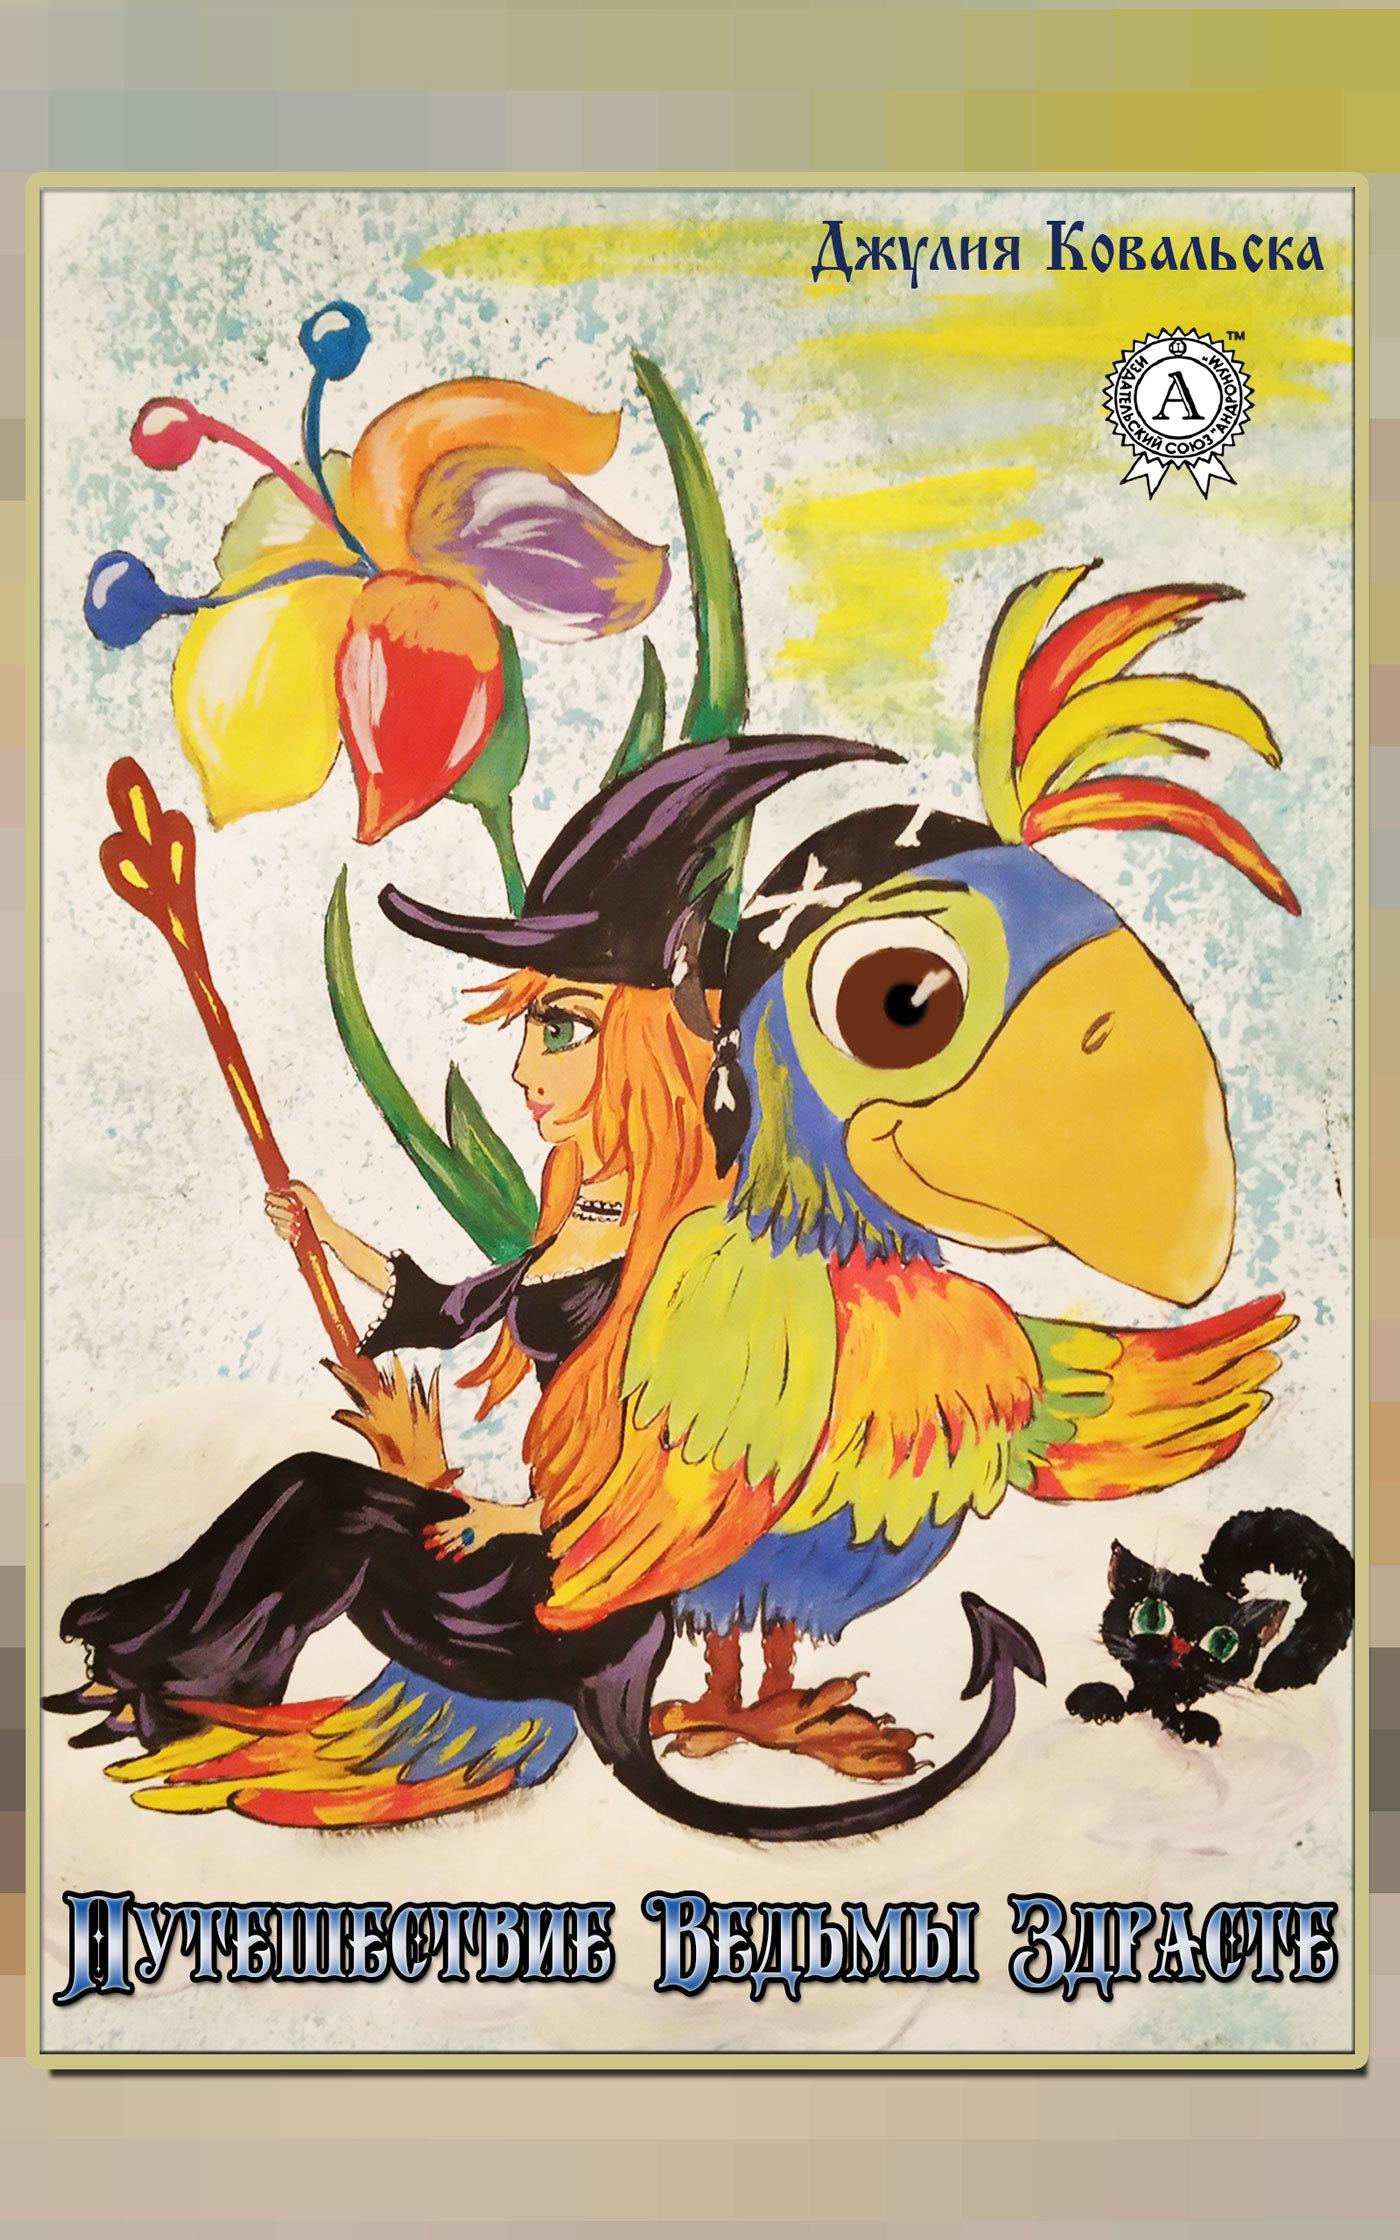 Джулия Ковальска Путешествие ведьмы Здрасте слипенчук в путешествие в пустое место поэма сказка для взрослых cd